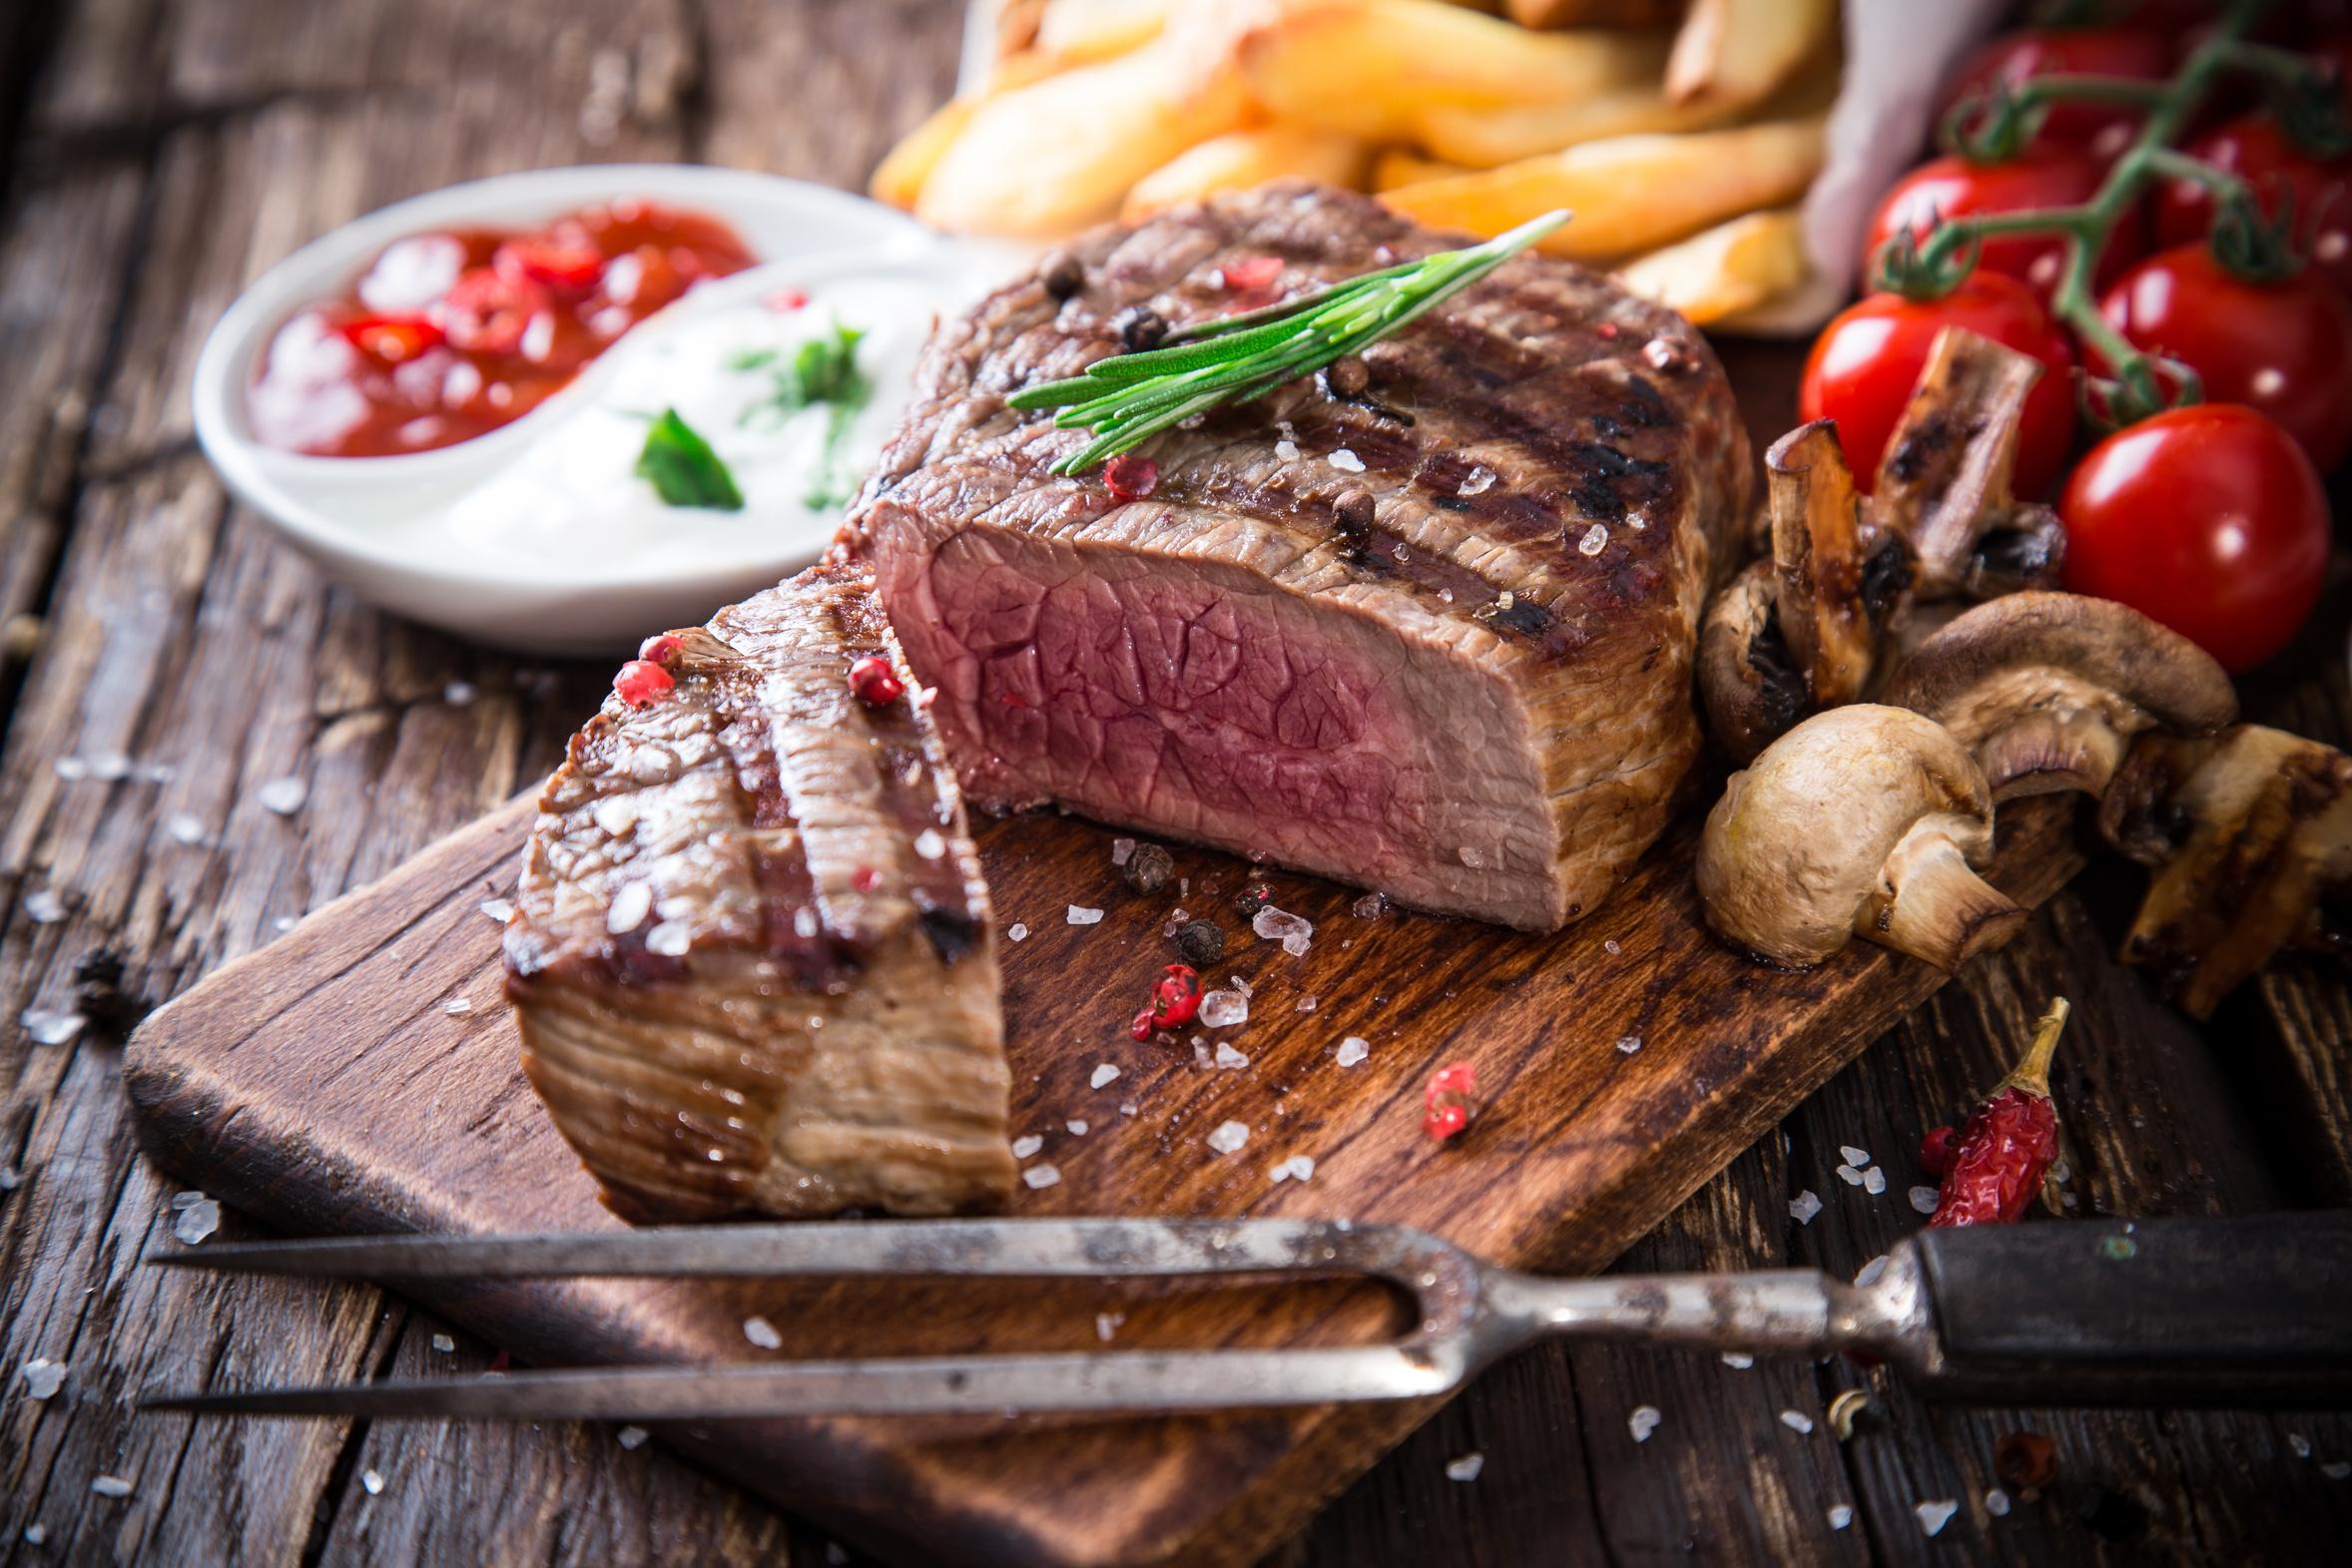 Grillkurse, Fleischzubereitung & BBQ